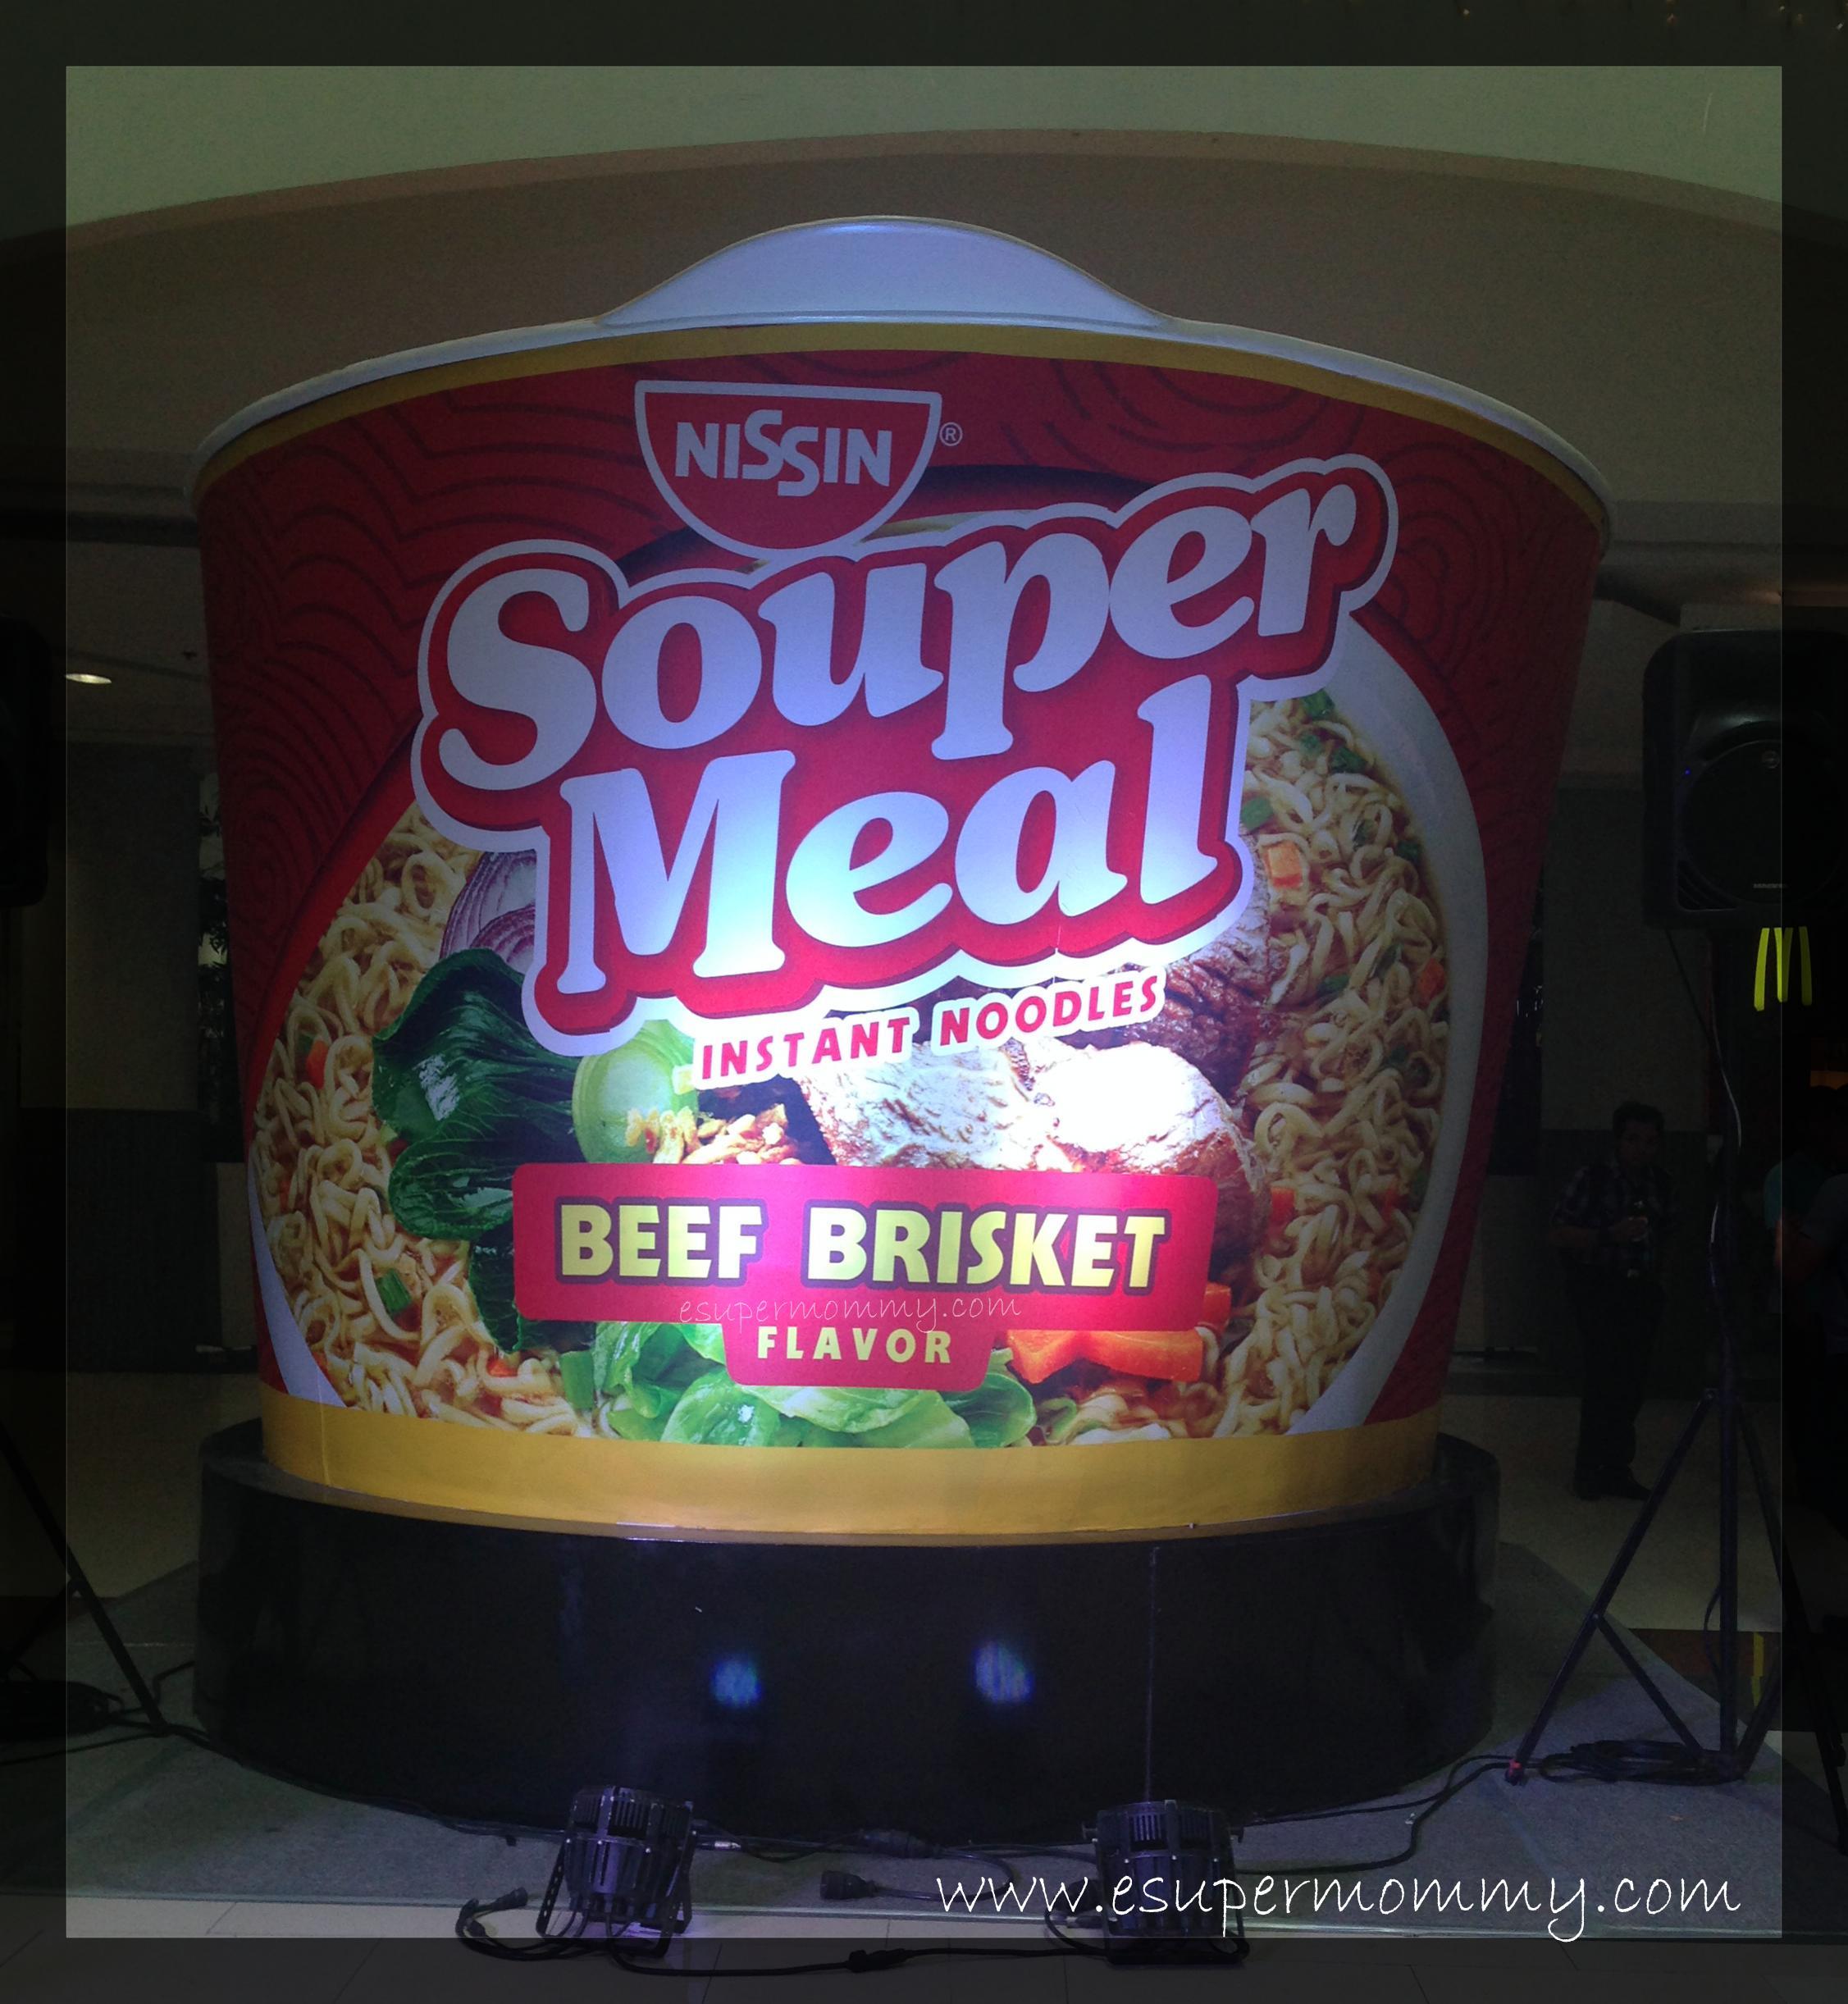 Giant-Nissin-Souper-Meal-Beef-Brisket